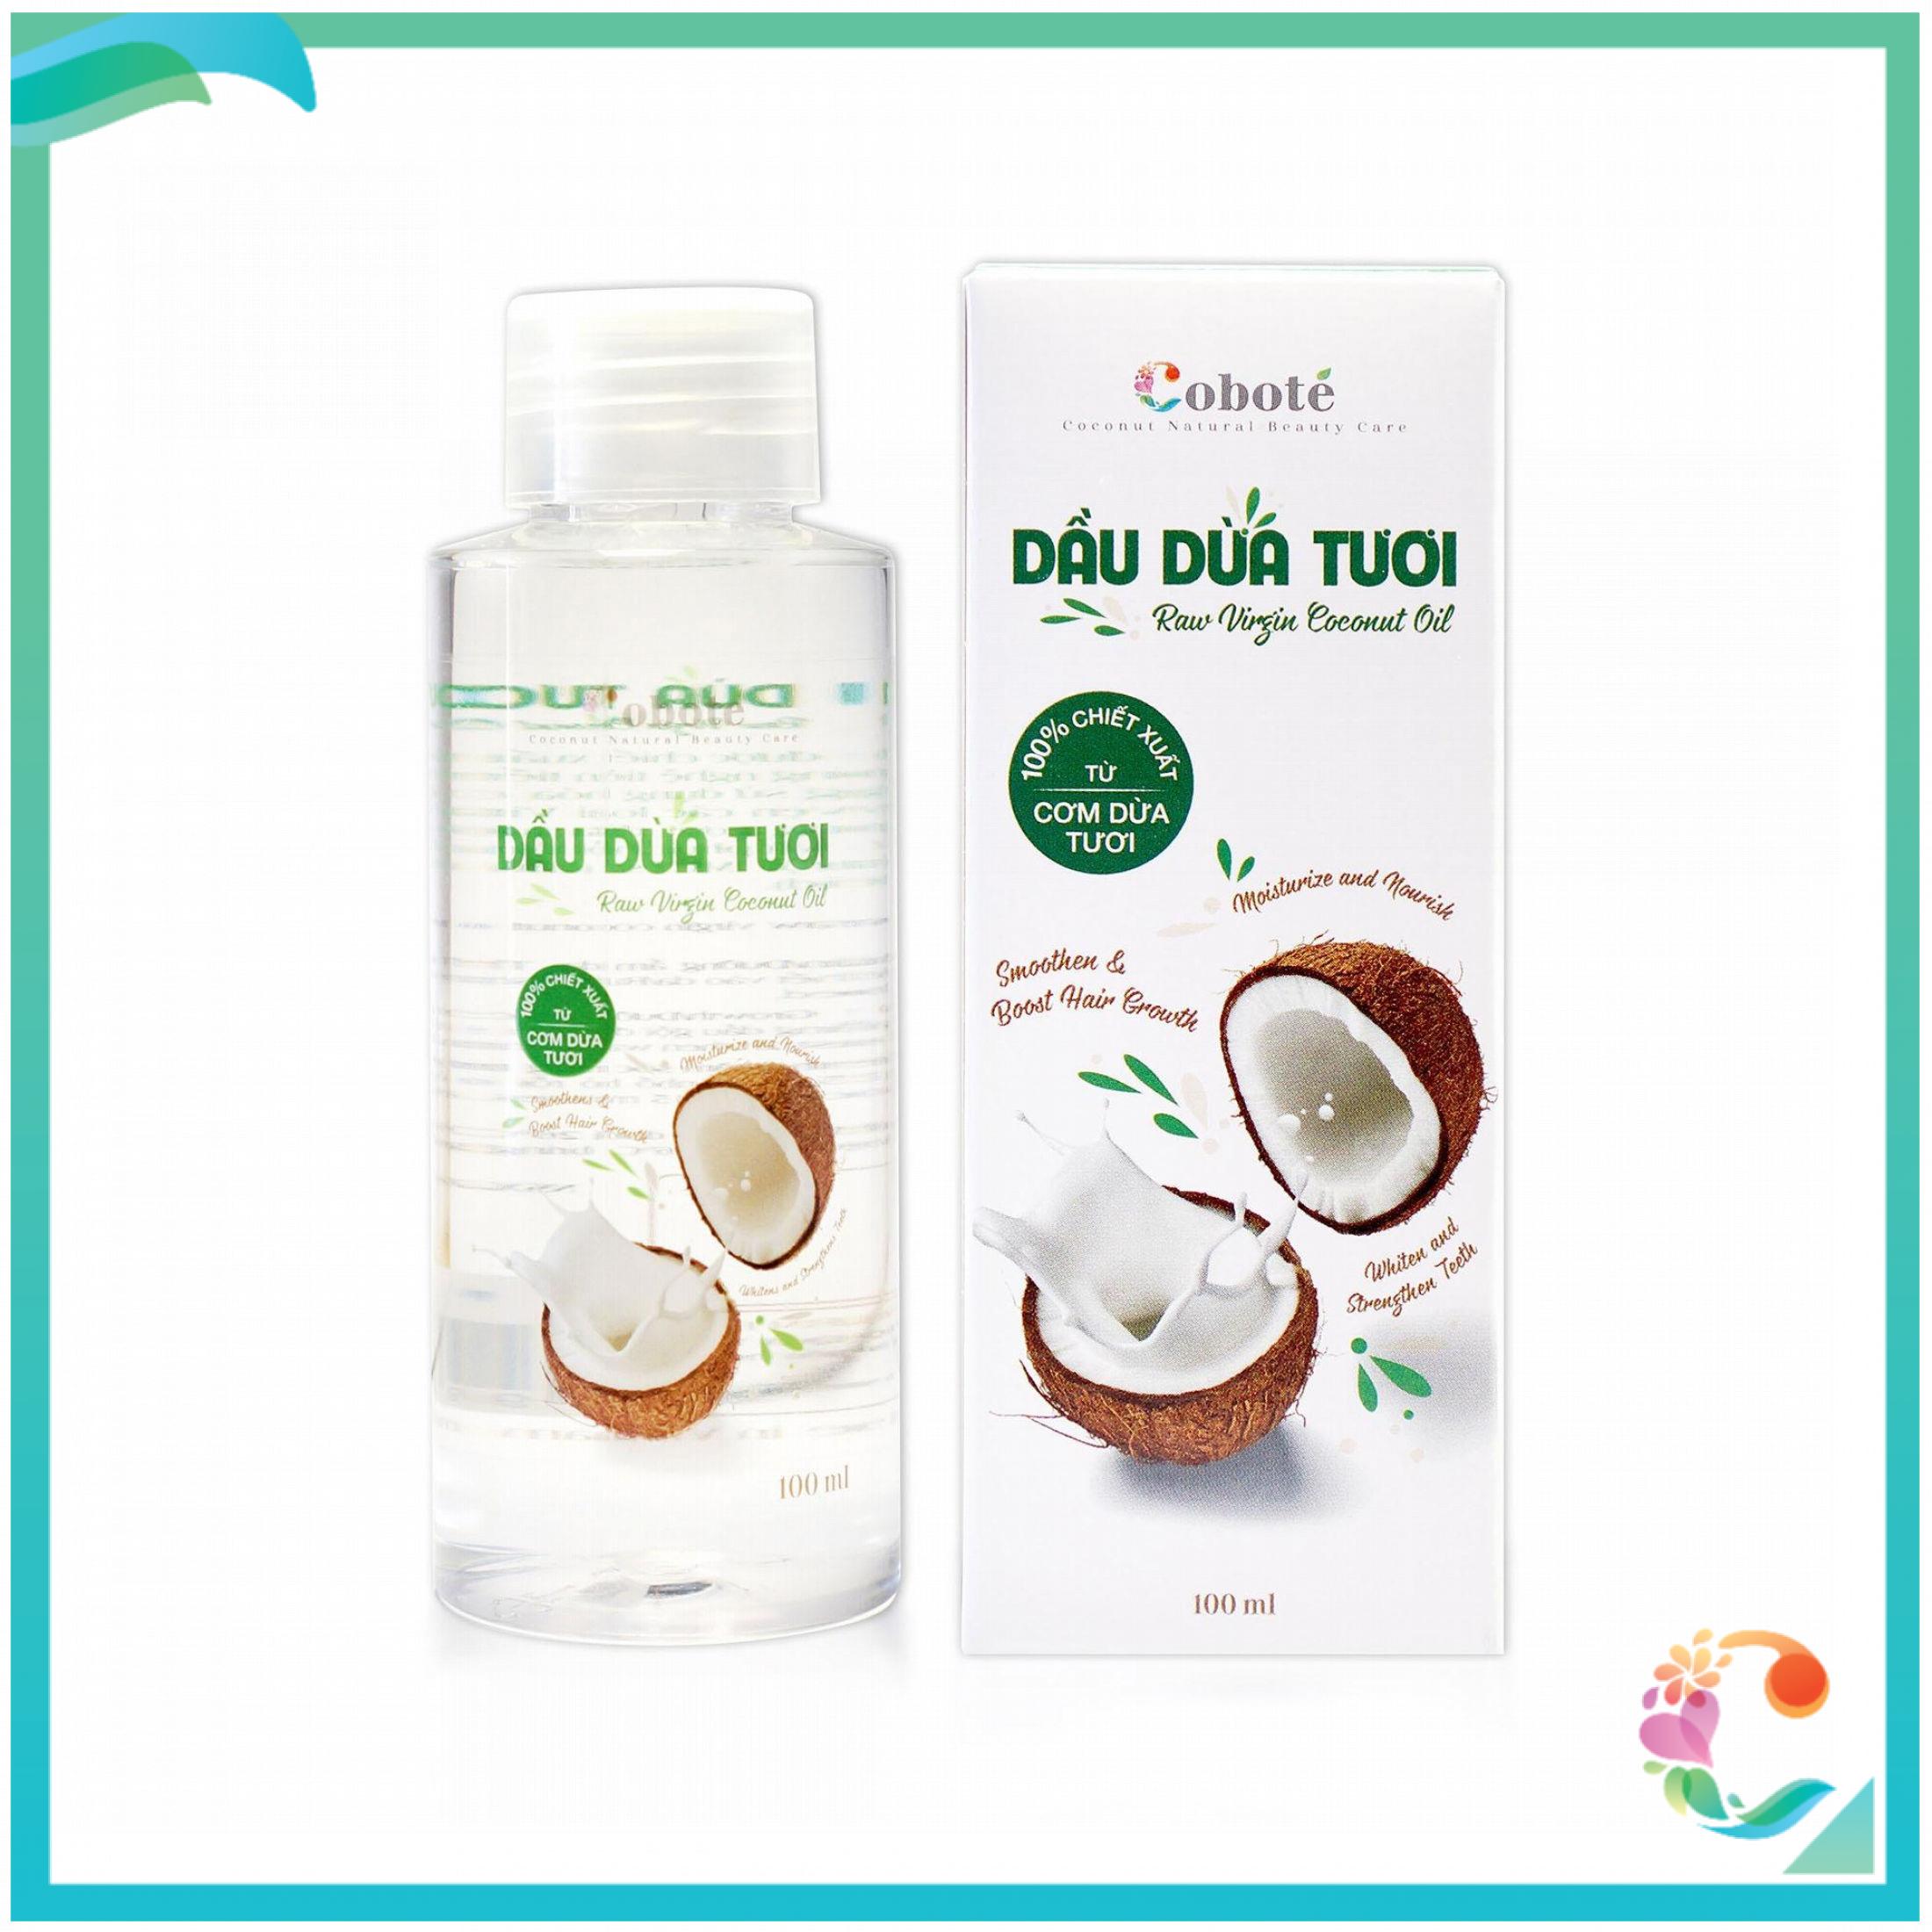 Dầu dừa tươi™ đa năng Coboté – 100% cơm dừa tươi Bến Tre